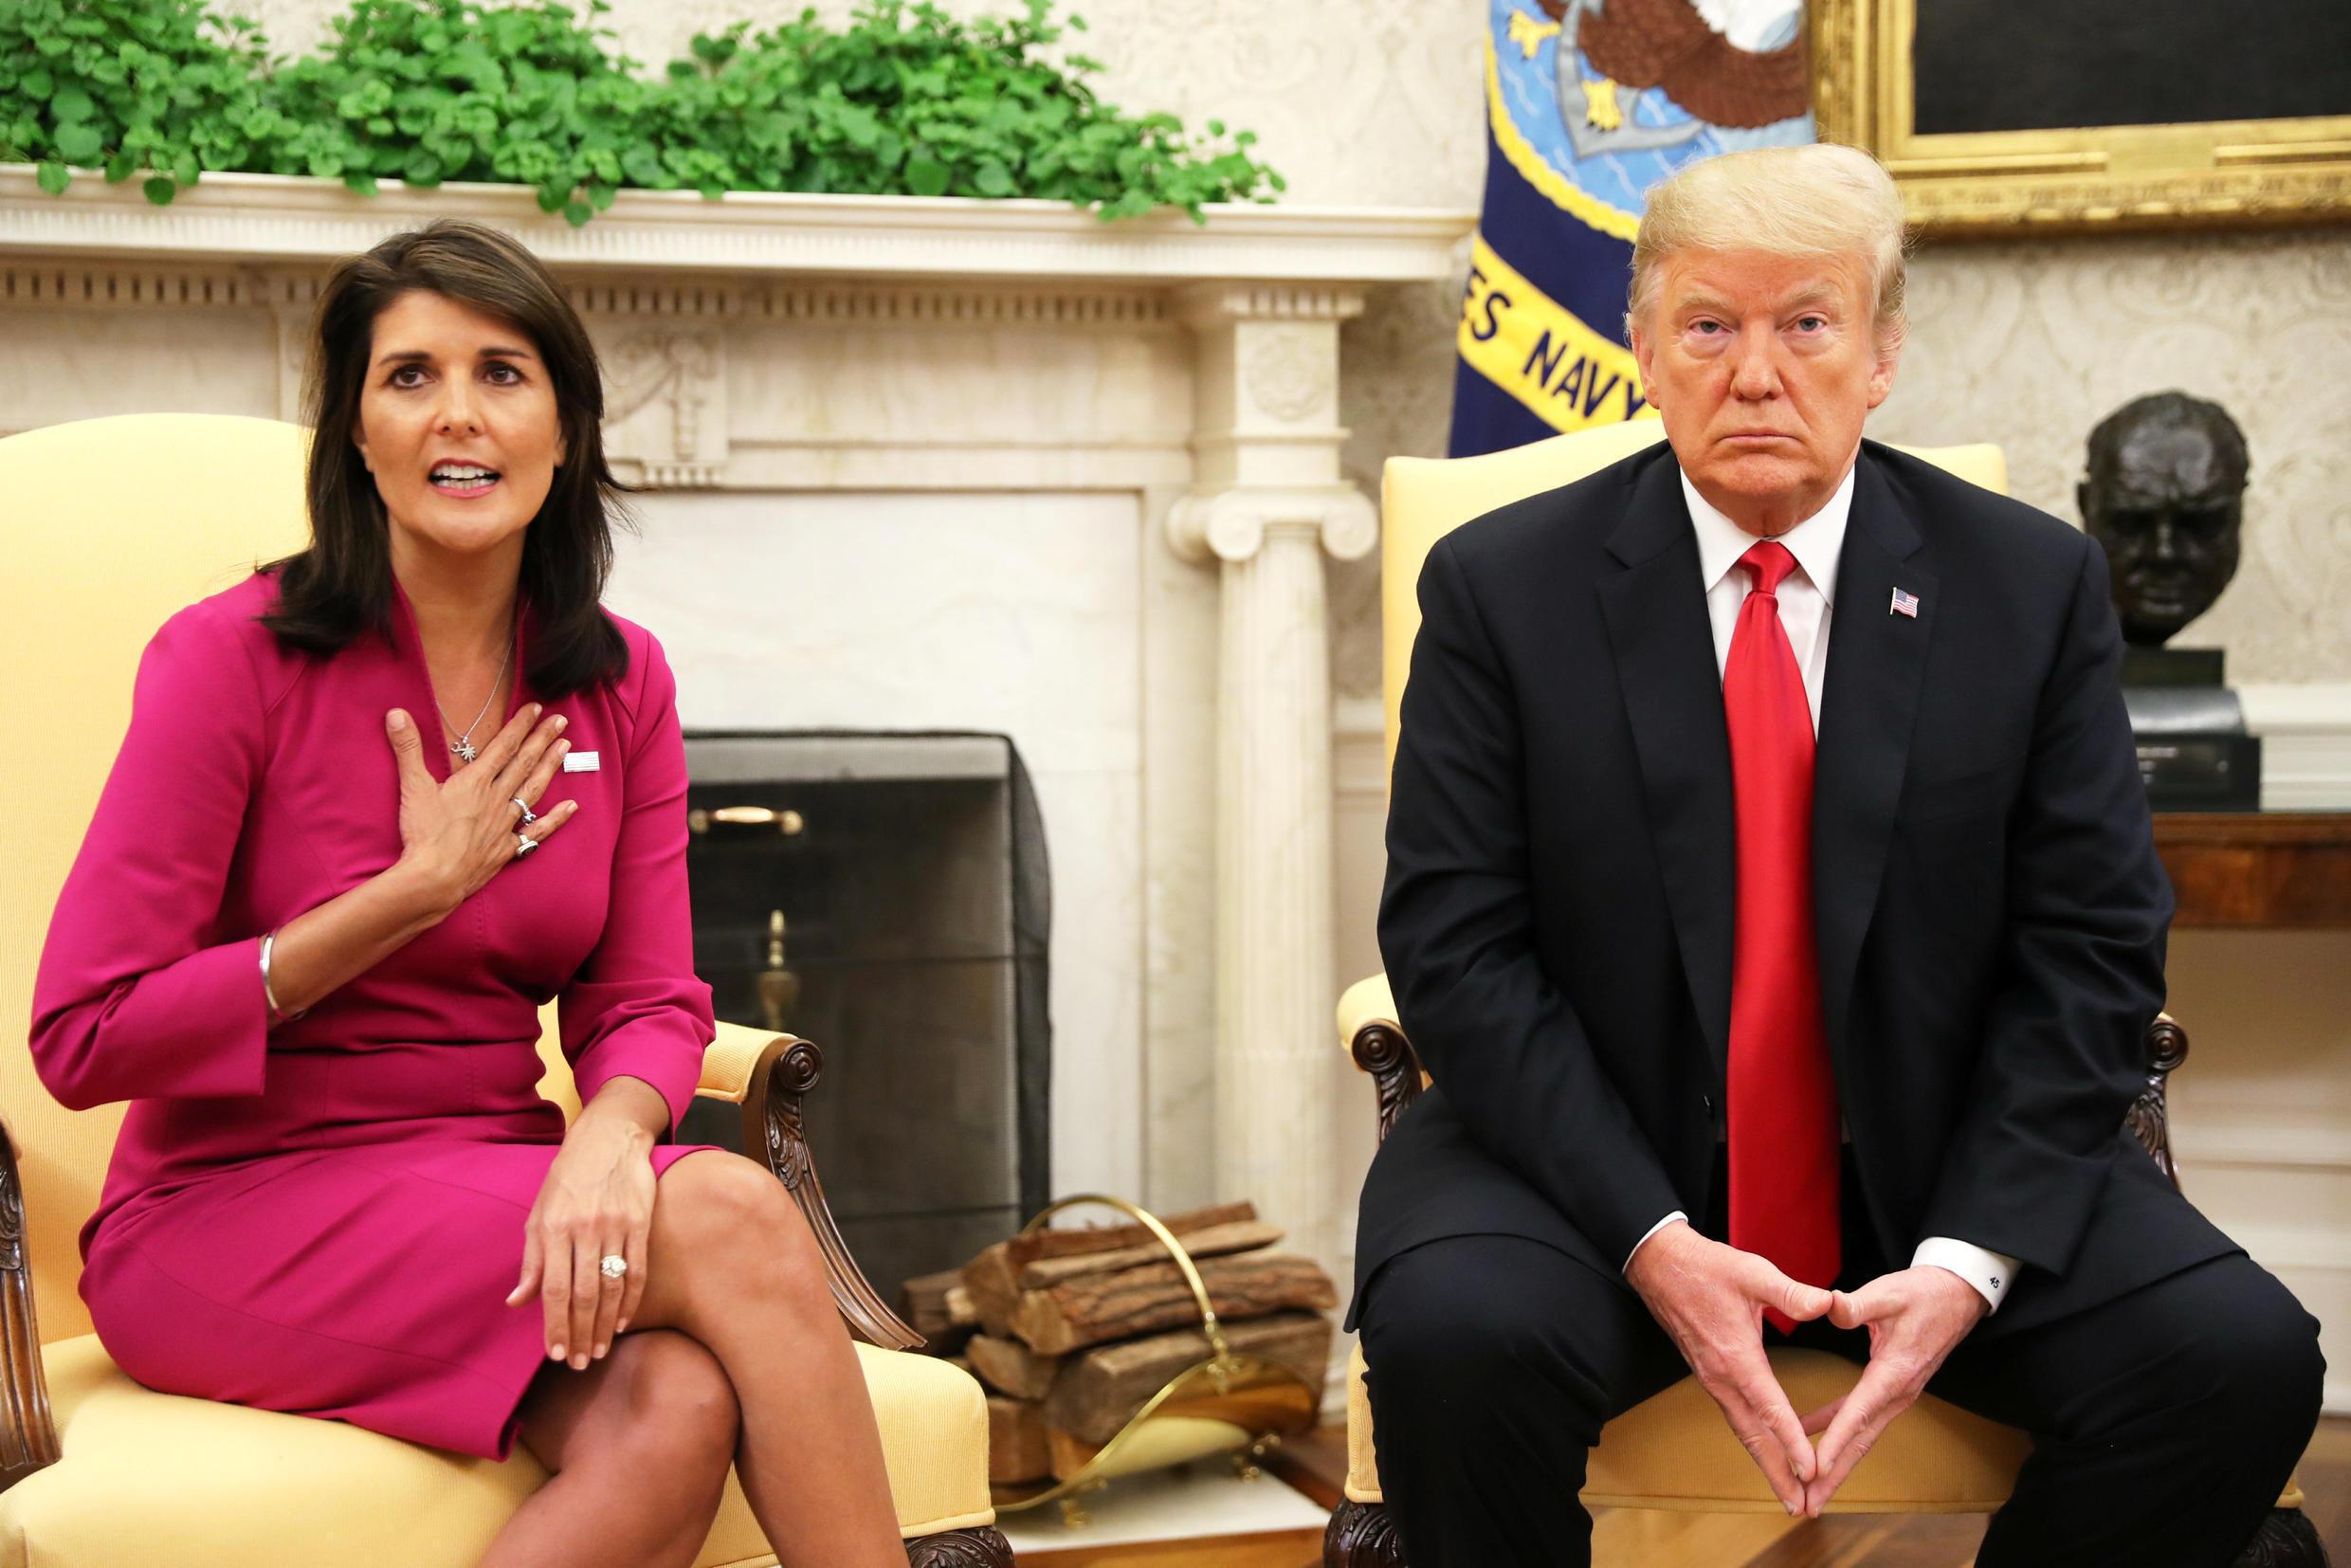 Nikki Haley a wata ganawarta da tsohon shugaban Amurka Donald Trump.